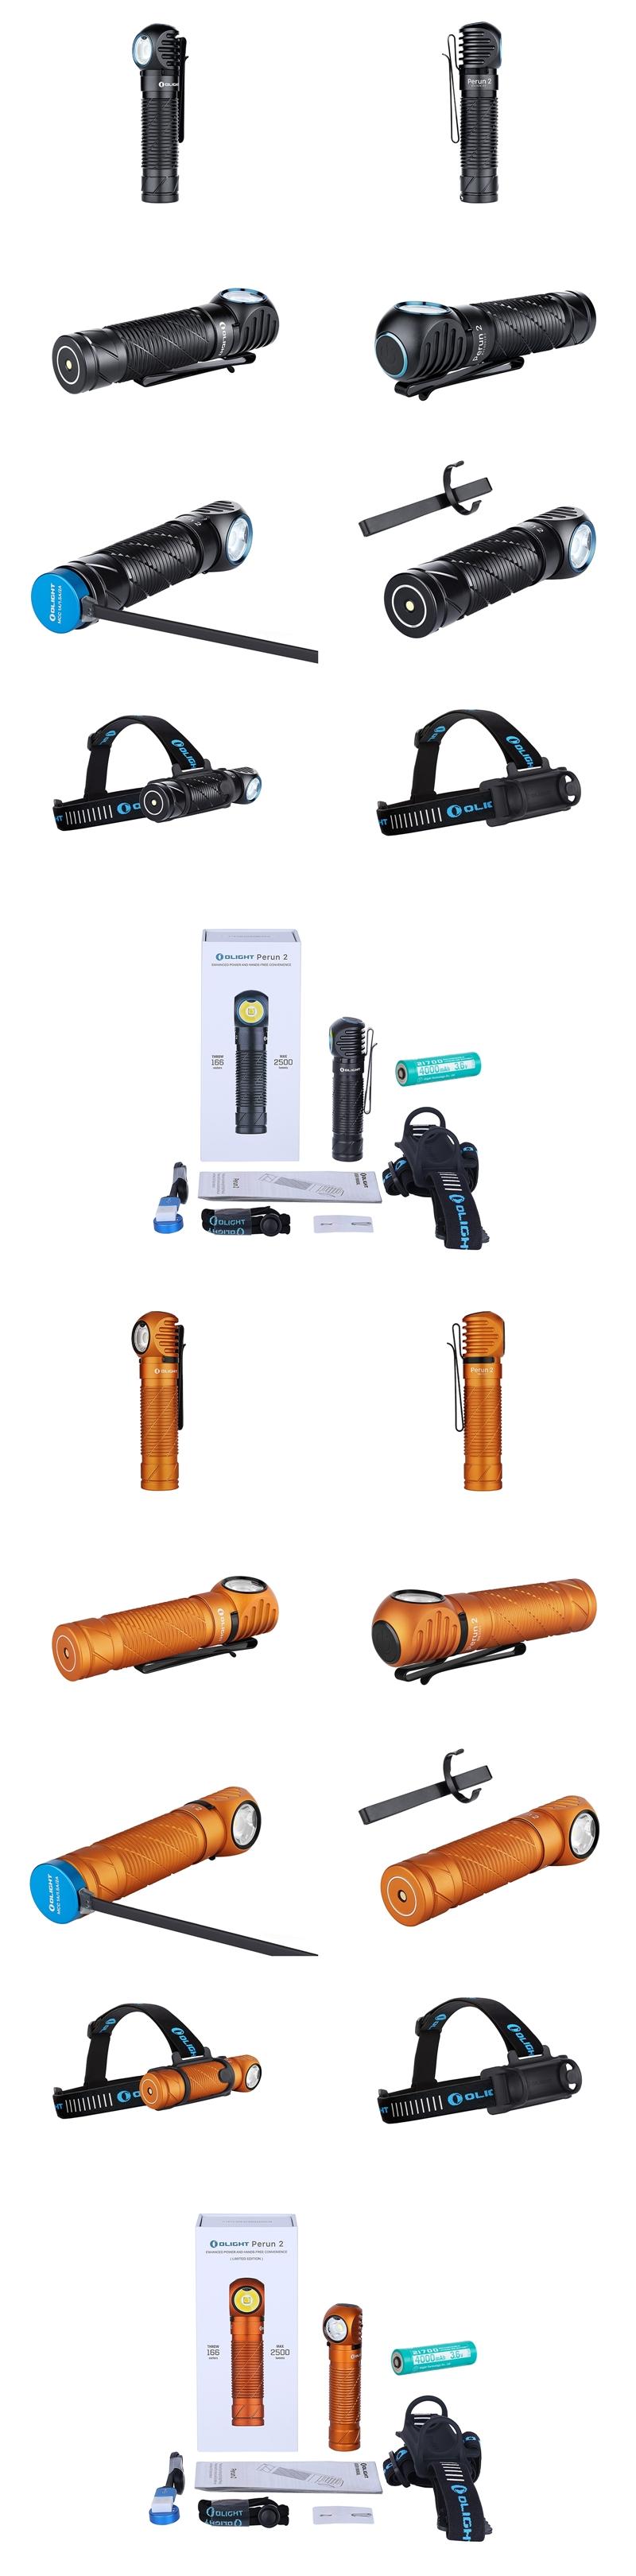 【錸特光電】OLIGHT PERUN 2 雷神2 2500流明 多功能感應L型轉角燈 (3)